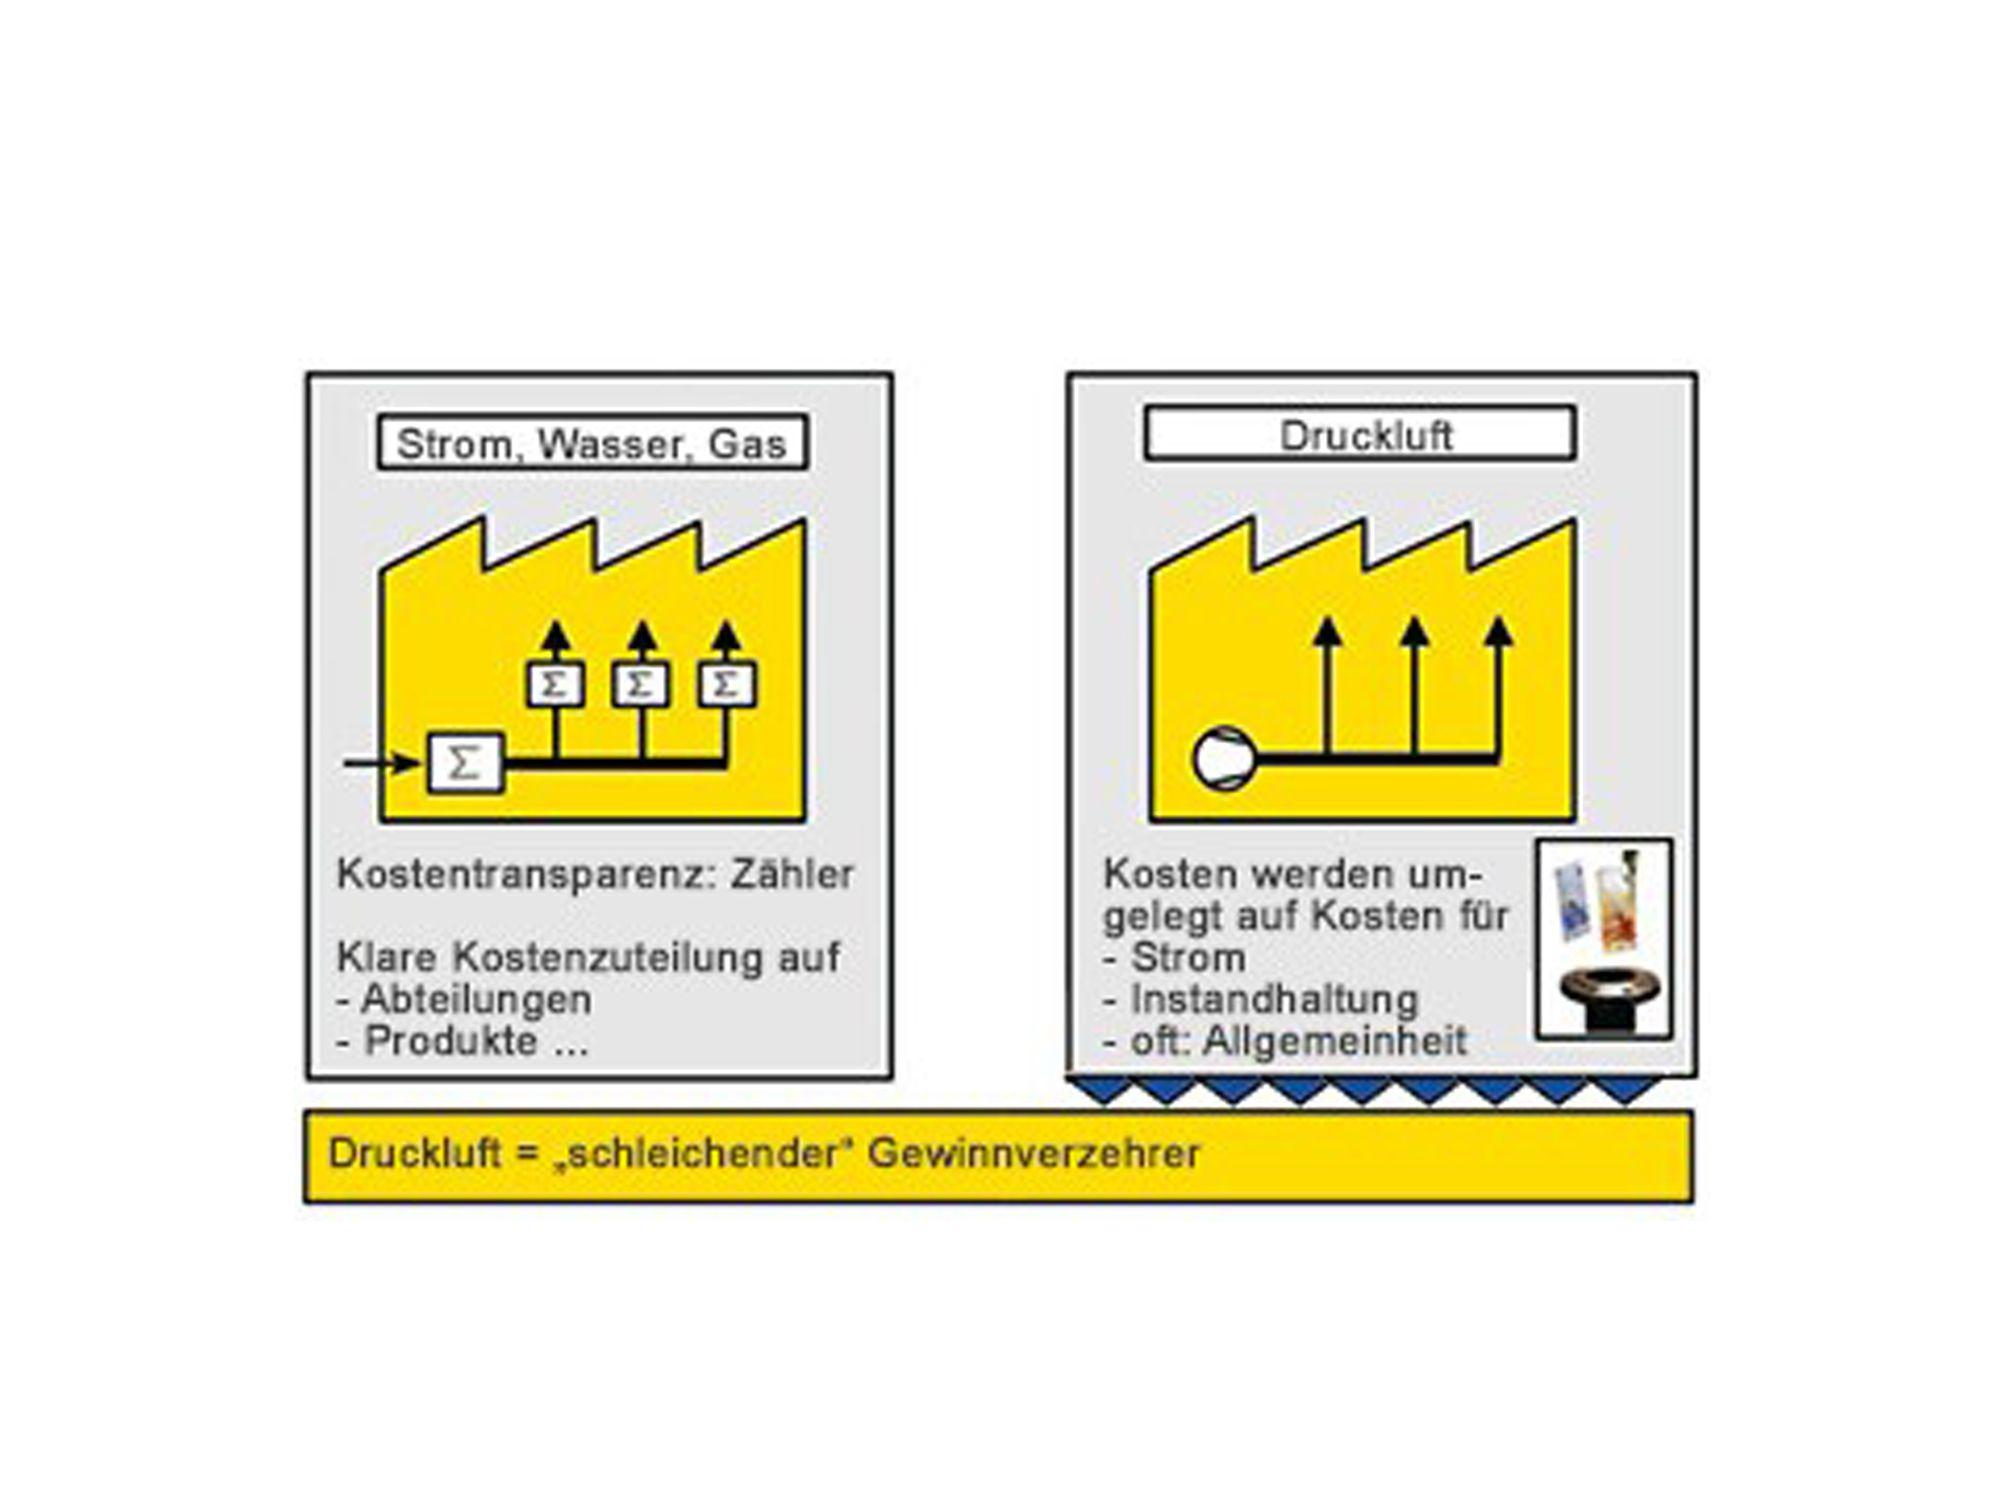 energiemanagement-druckluft.jpg